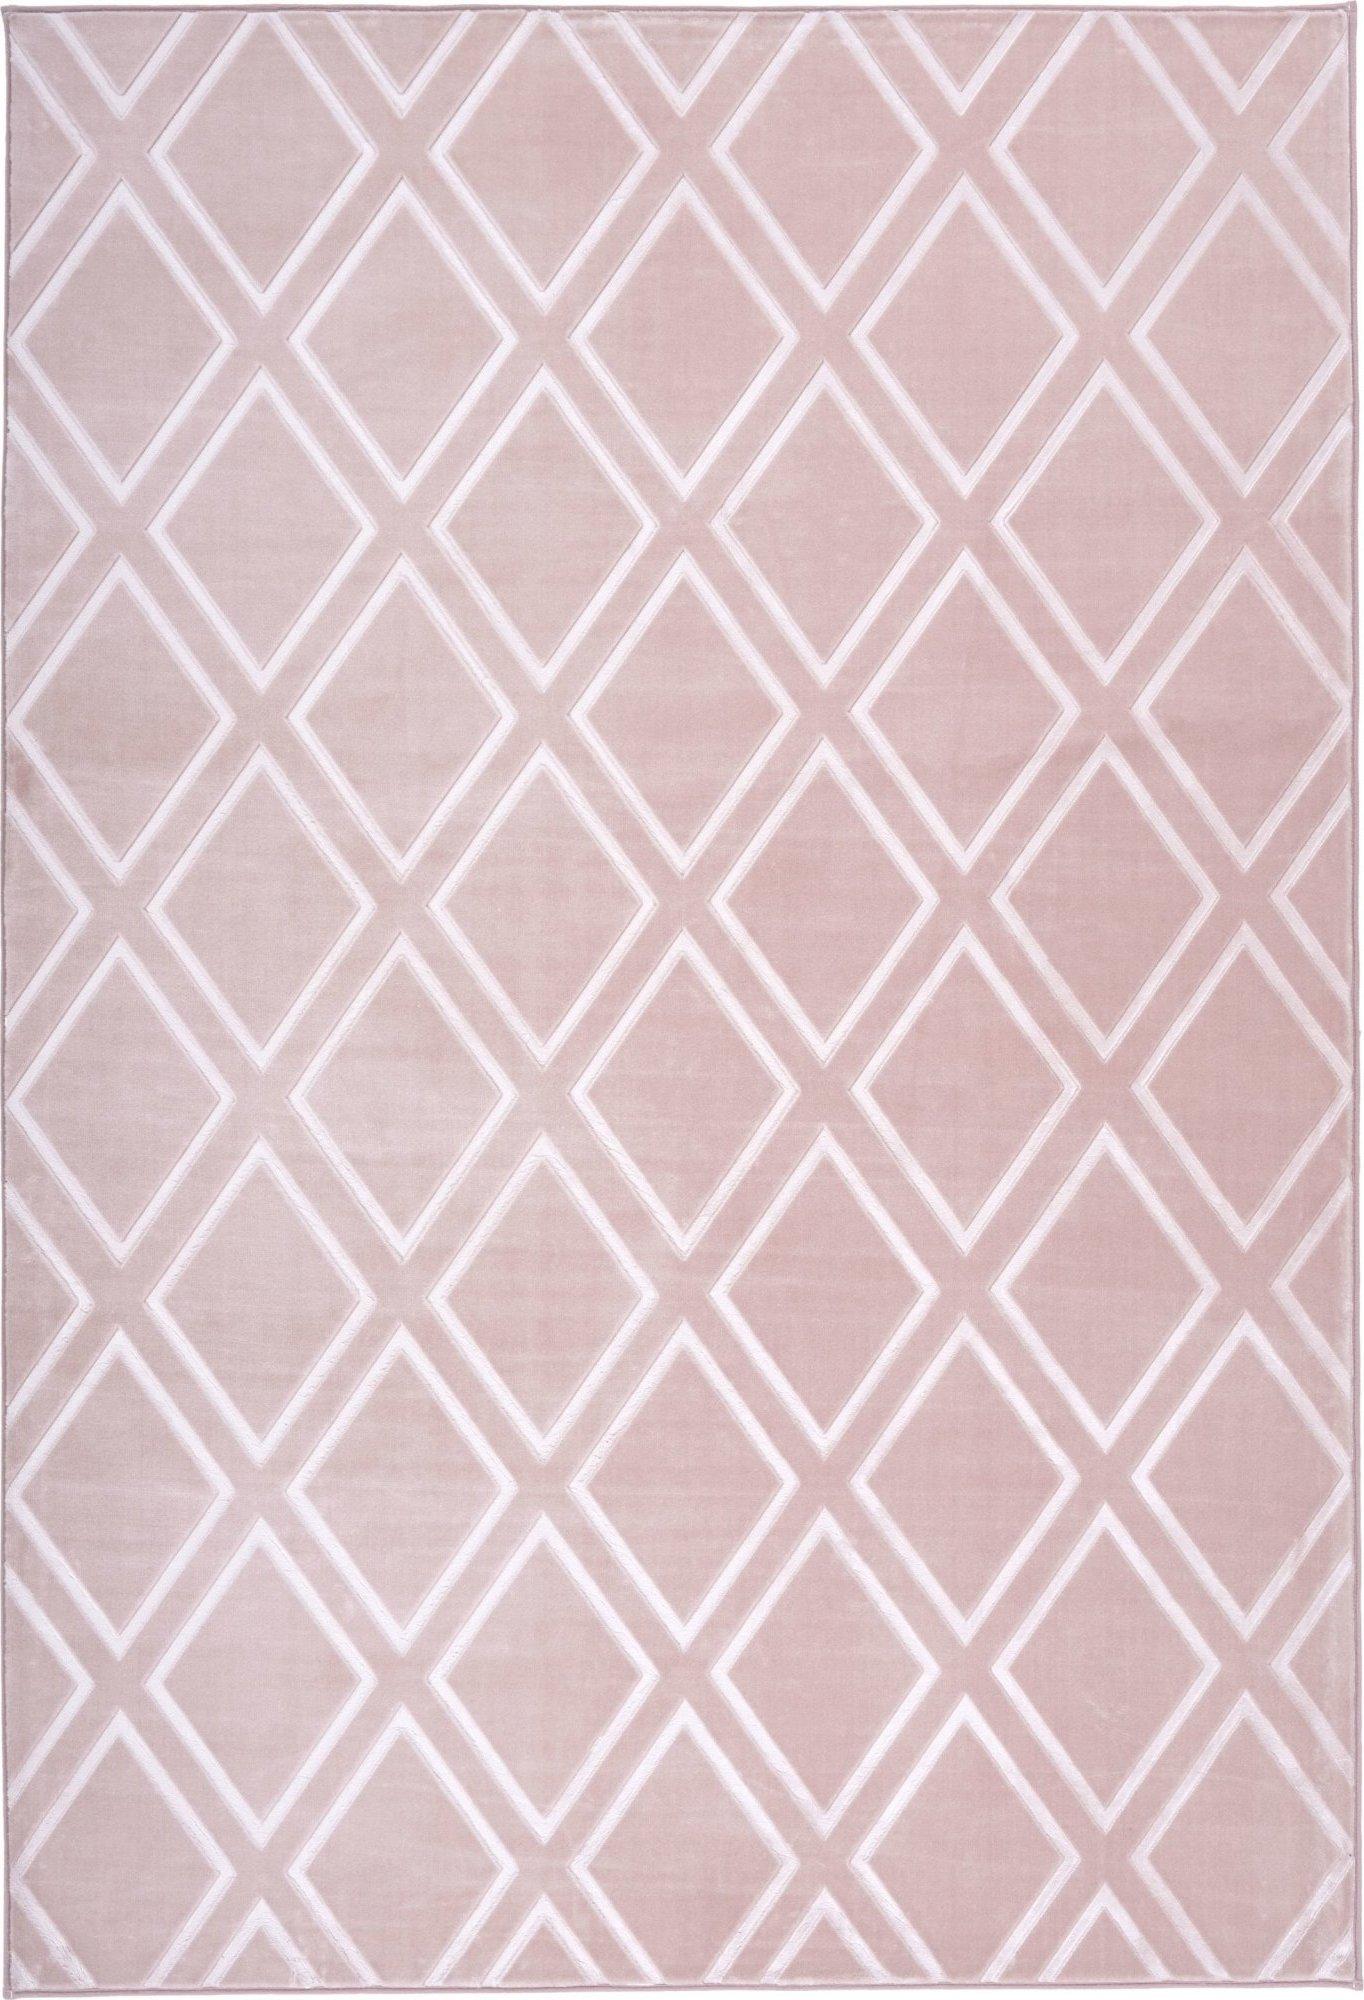 Tapis en polyester rose 120x170